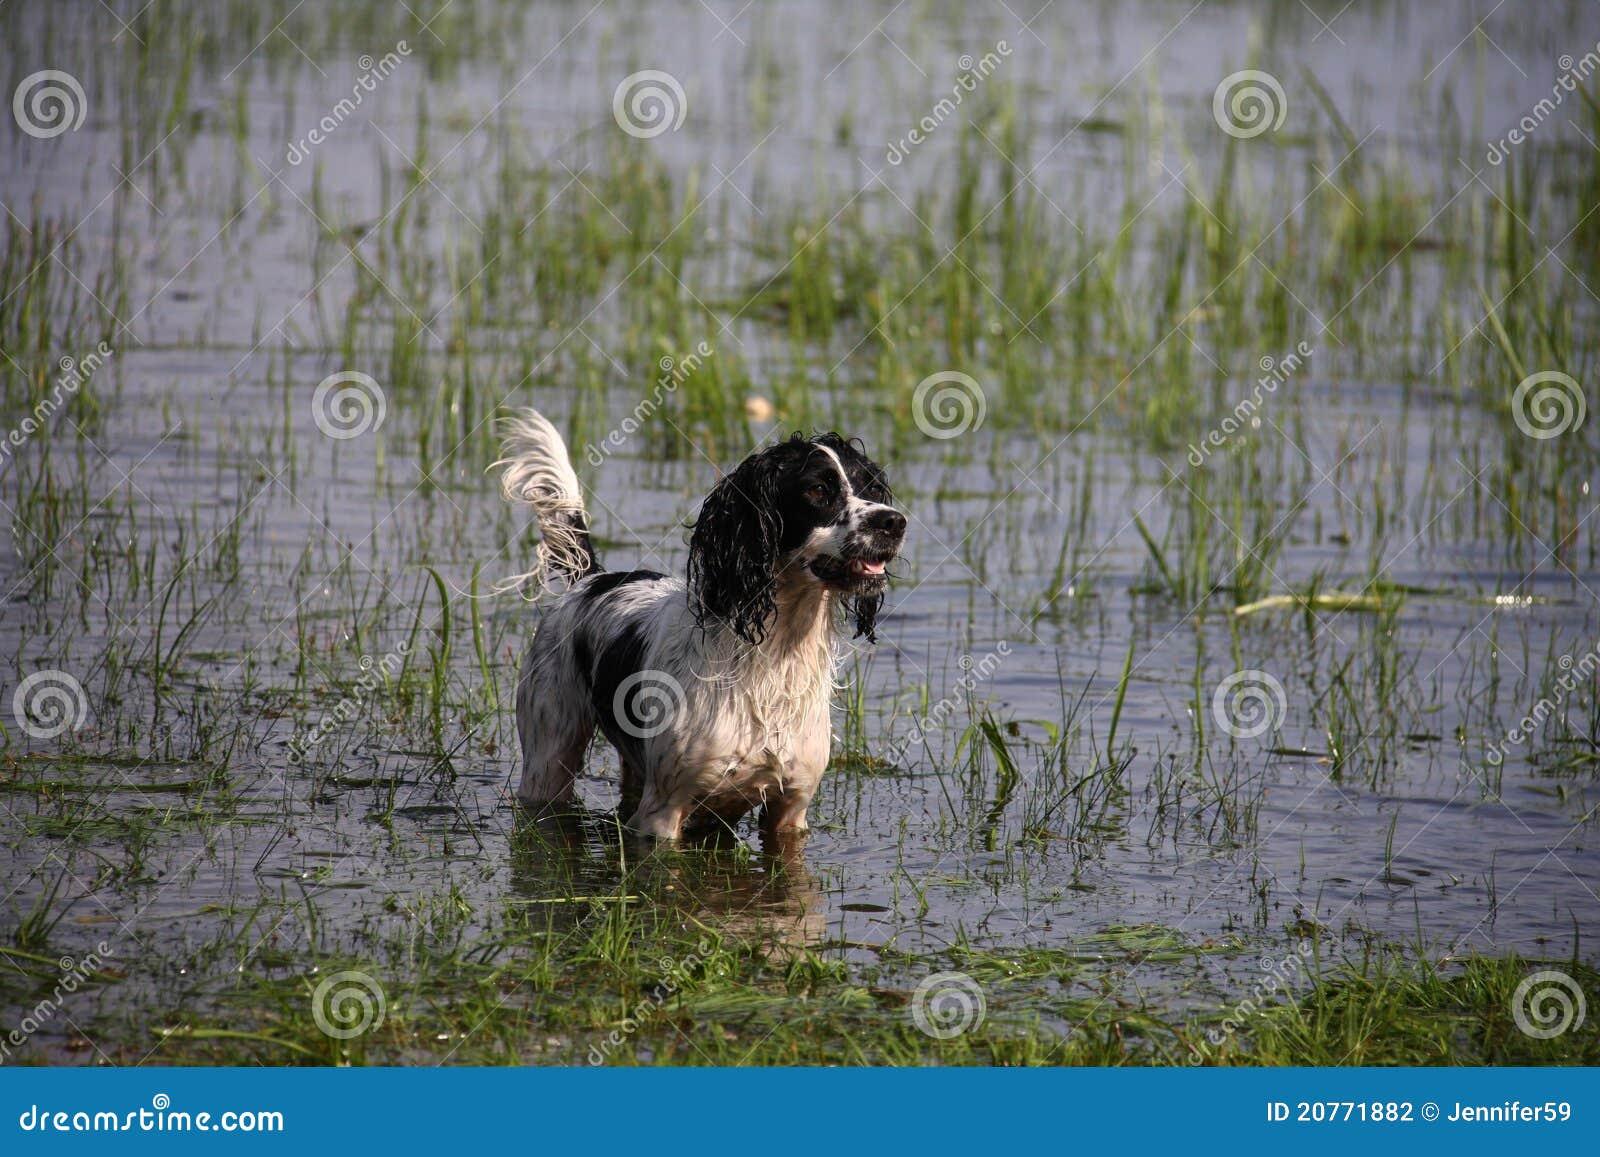 Gundog in water